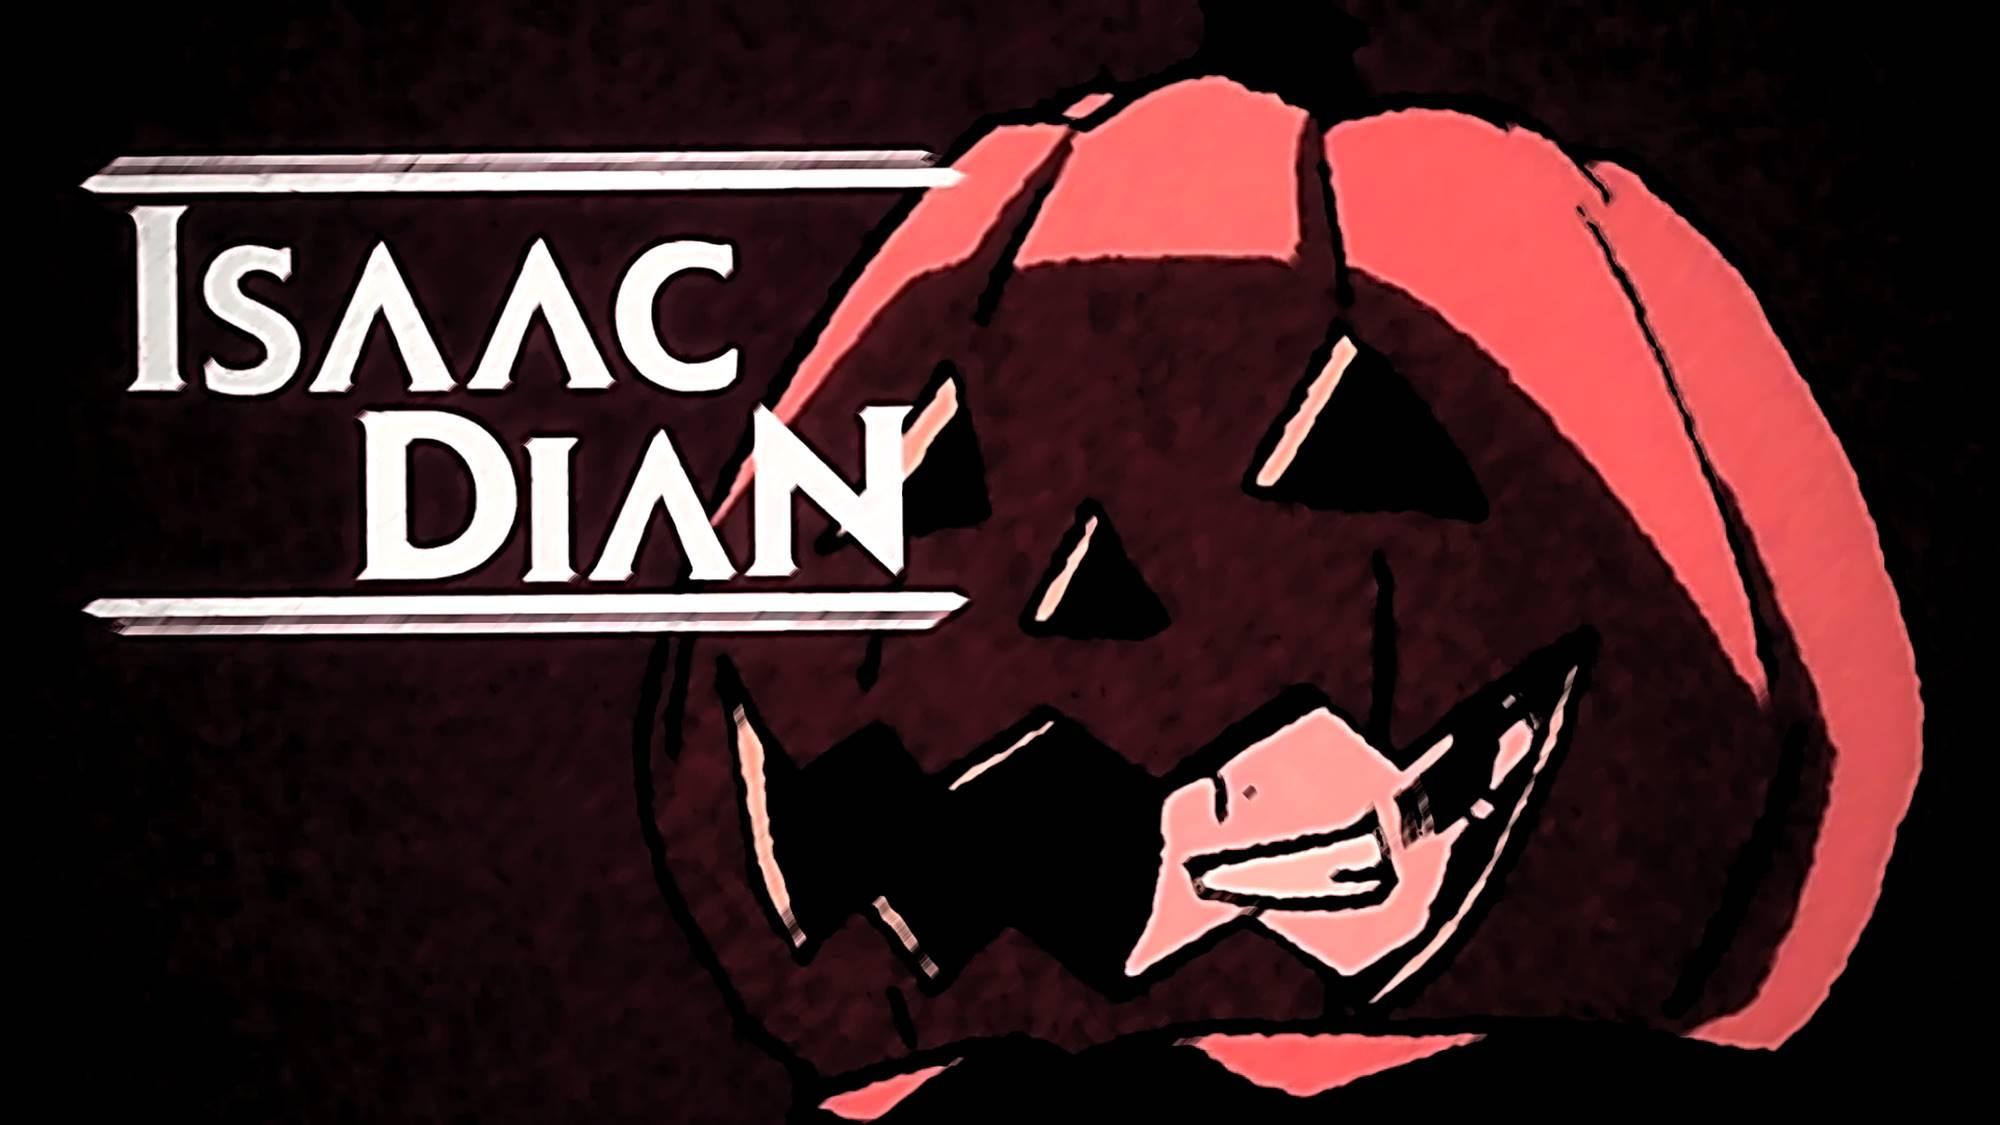 Isaac Dian